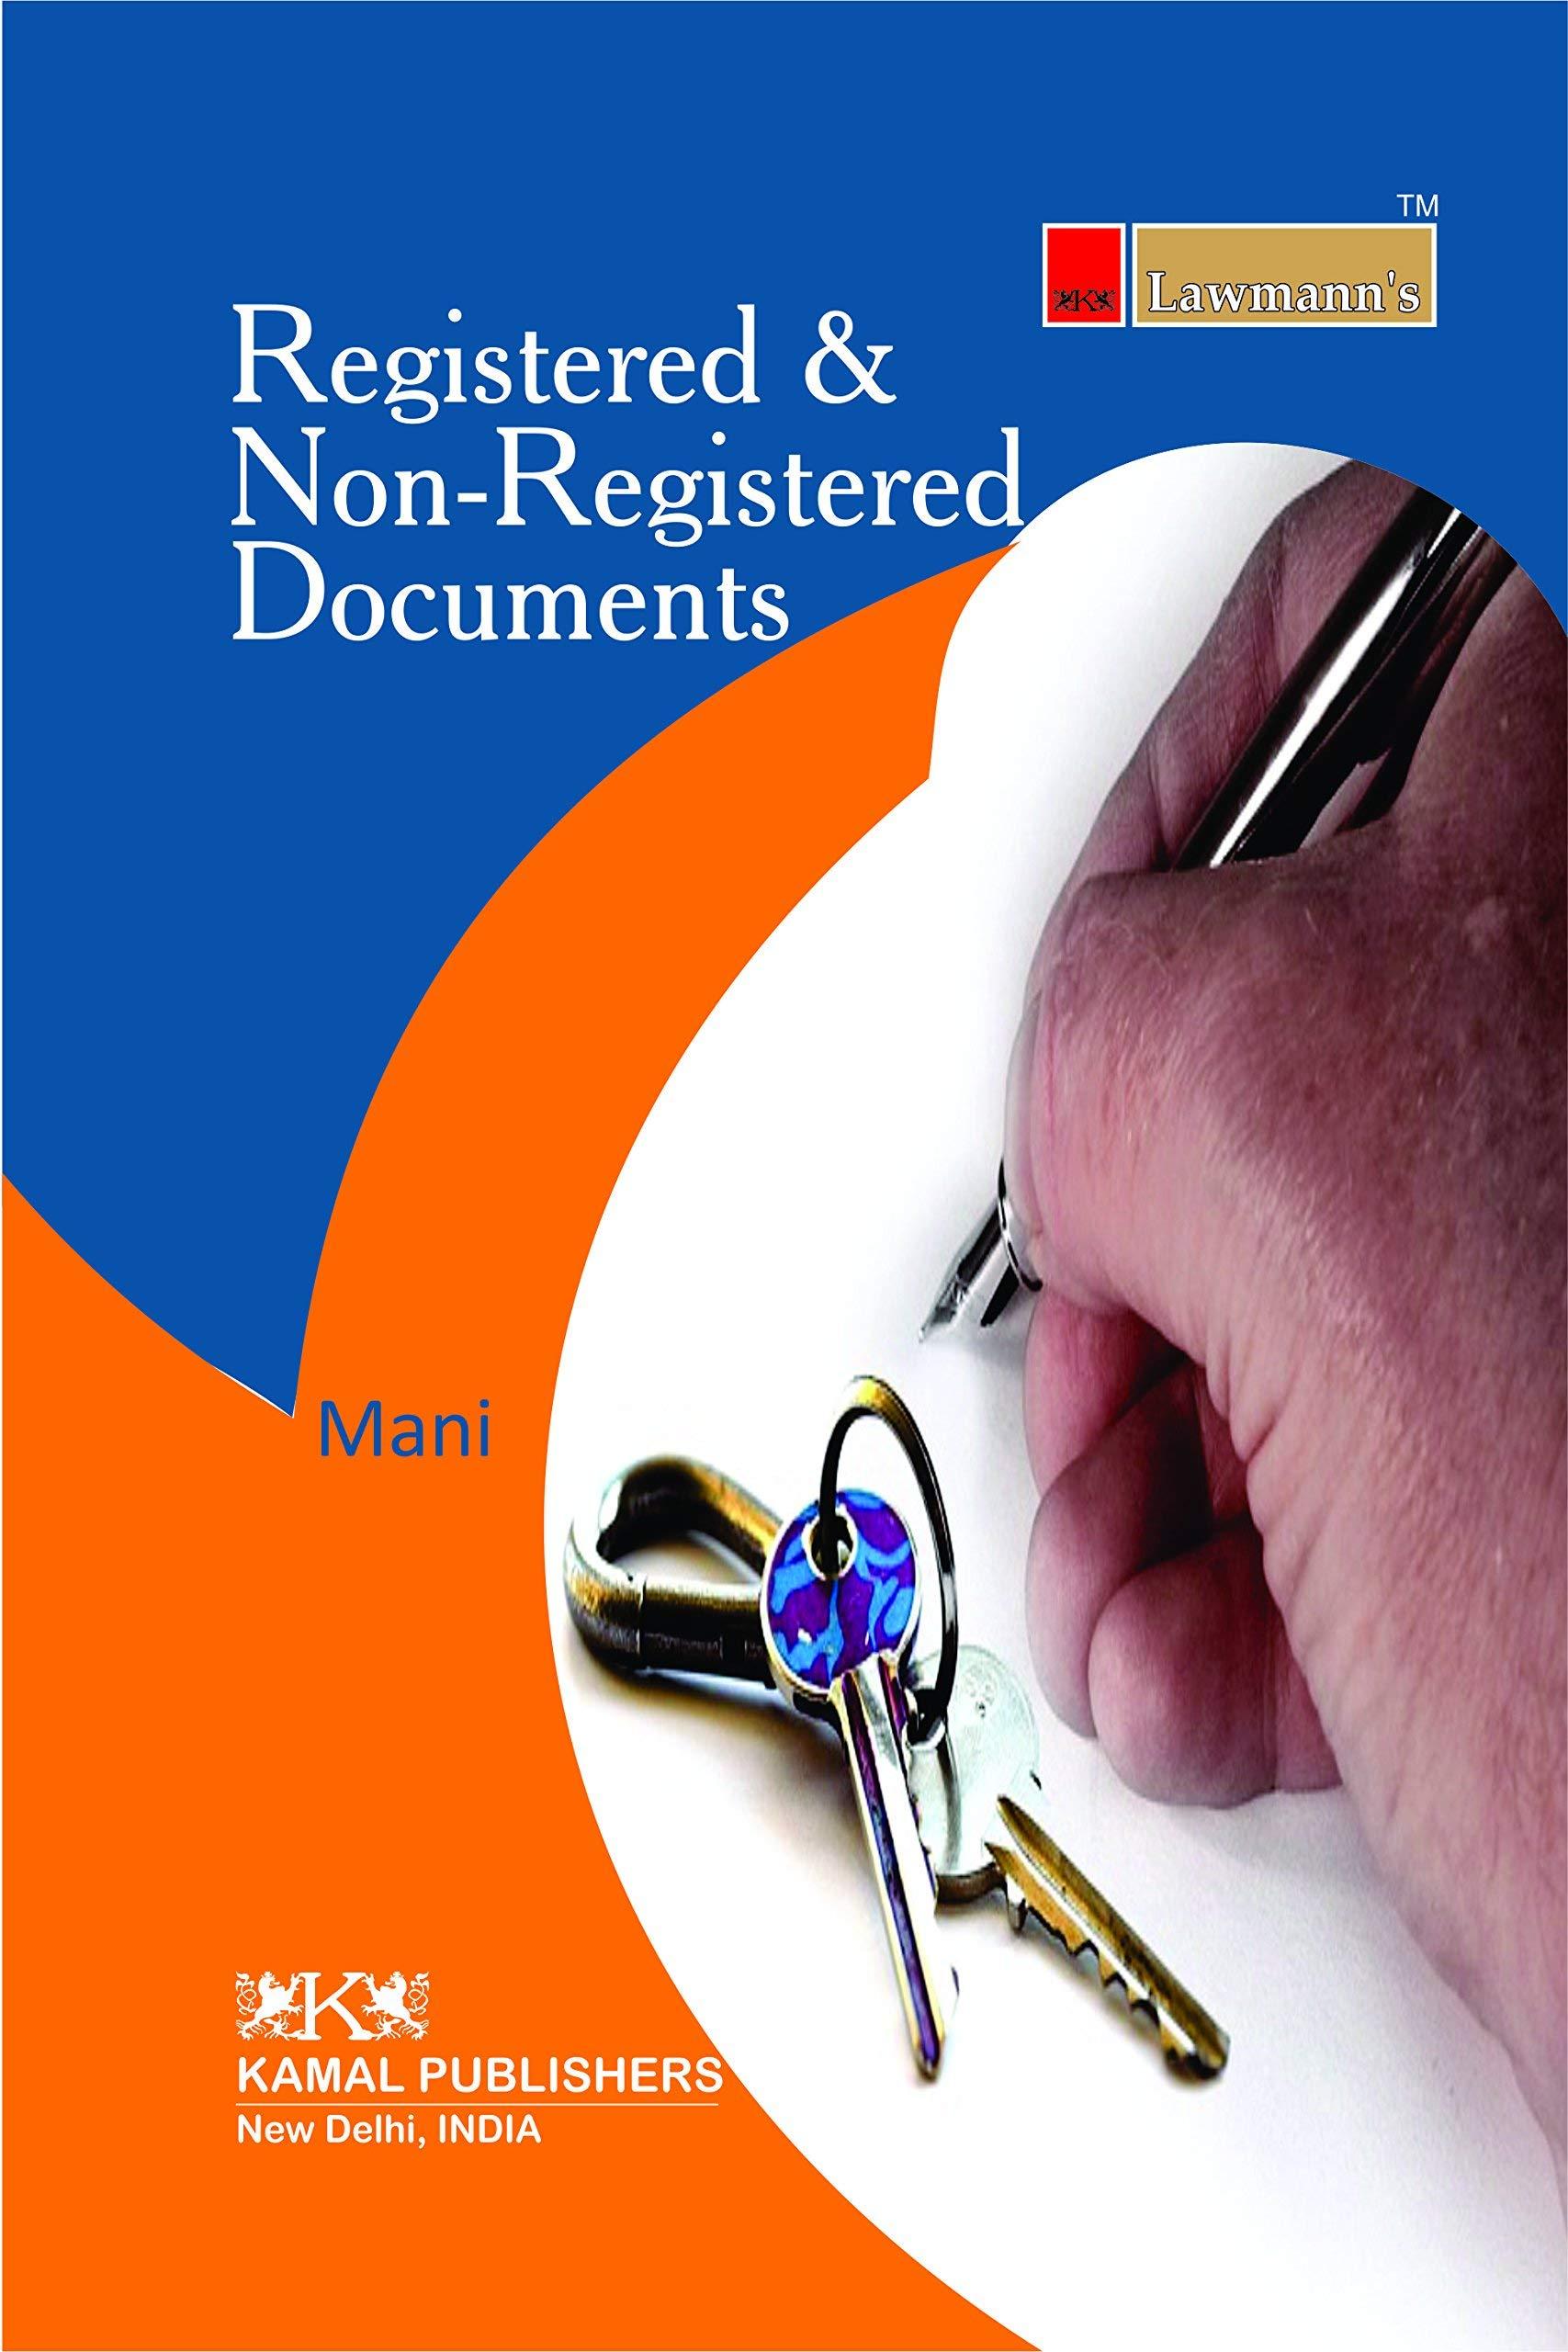 Registered & Non-Registered Documents